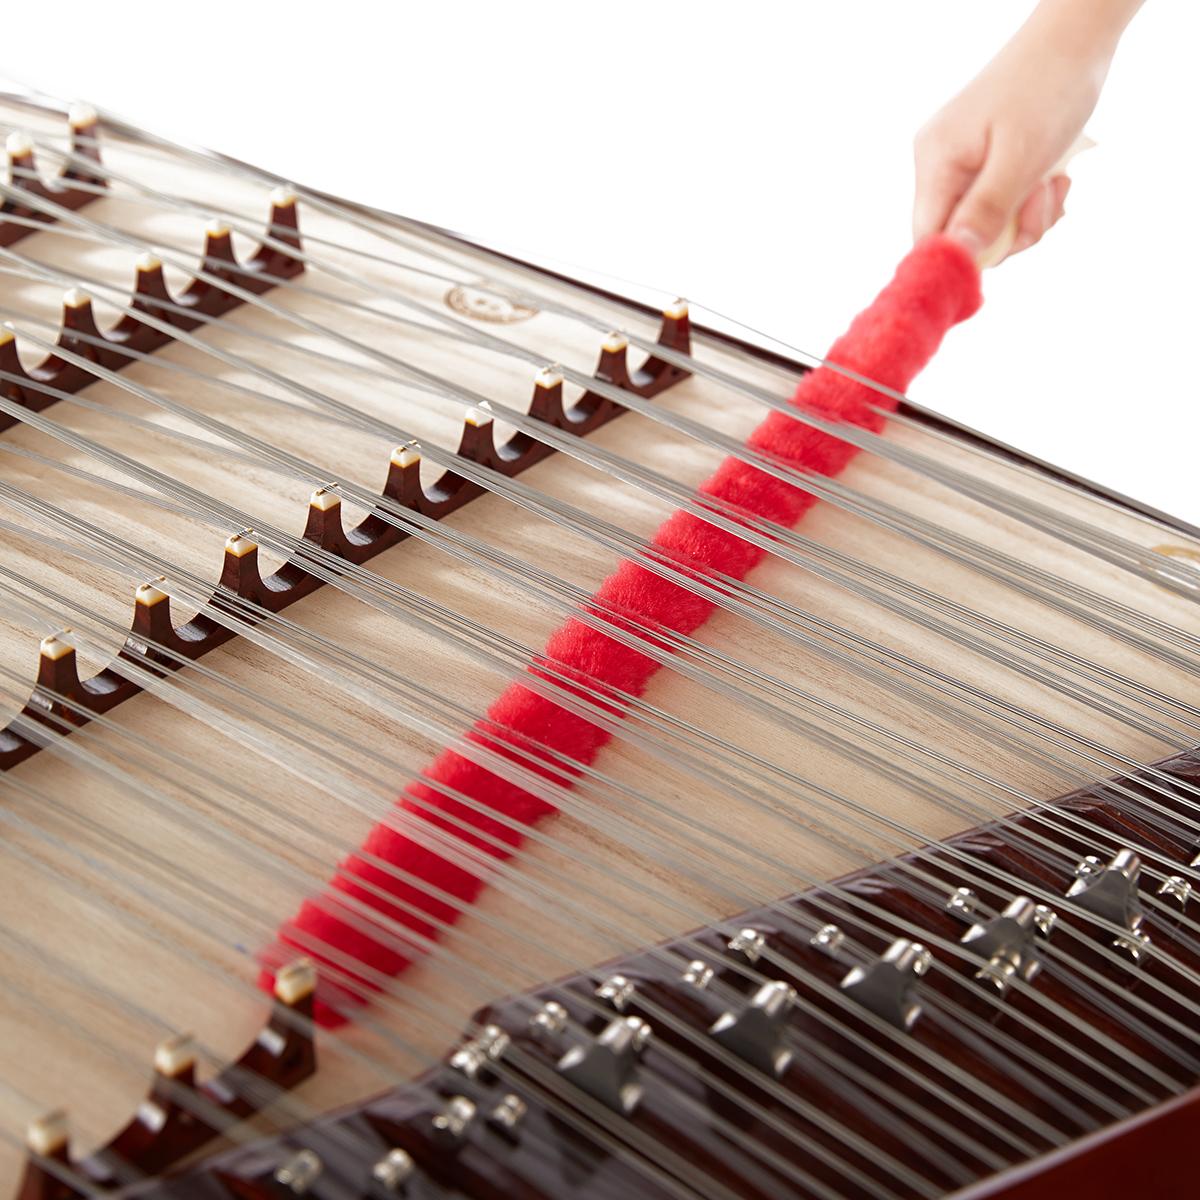 乐海乐器扬琴刷清洁刷扬琴配件扬琴面板除尘毛毛掸子除灰尘器琴刷